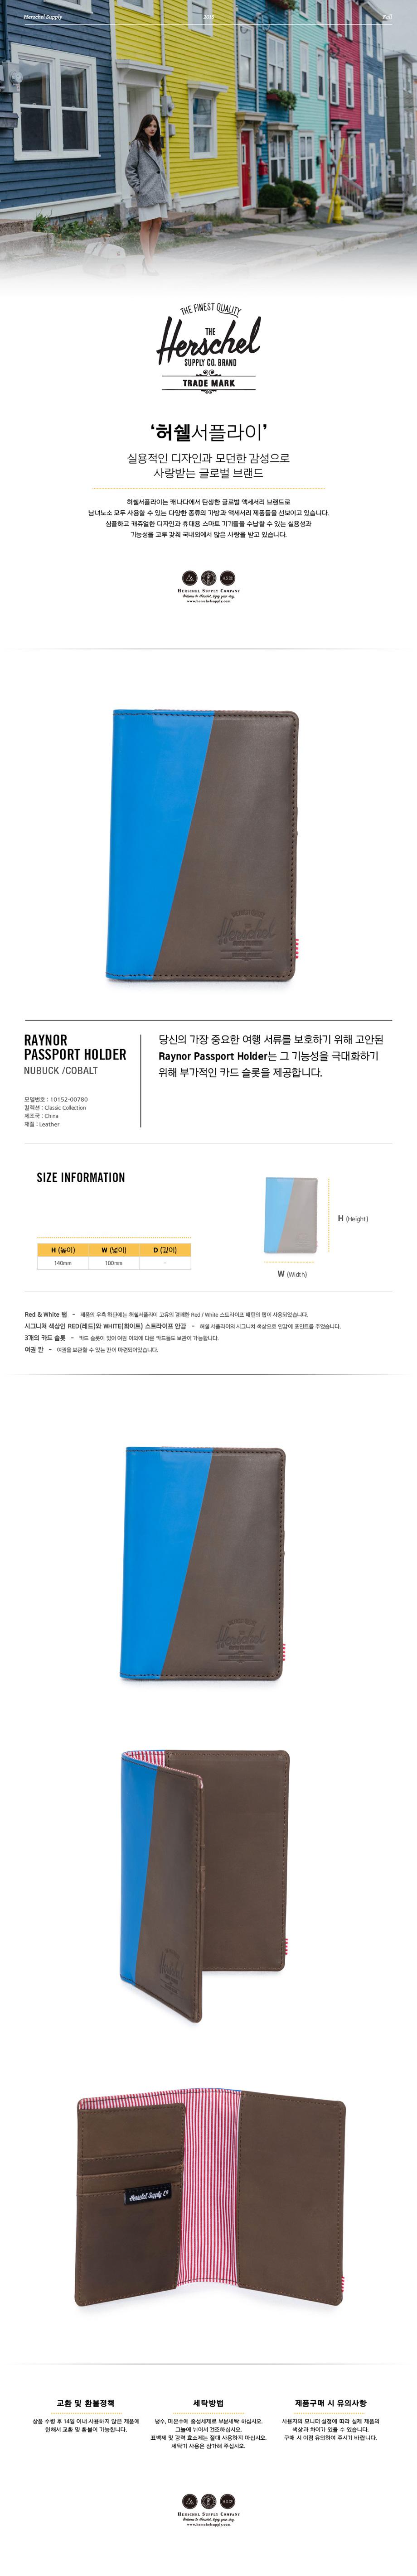 [허쉘]HERSCHEL - 2015 RAYNOR PASSPORT HOLDER Leather (Nubuck/Cobalt) 허쉘코리아 정품